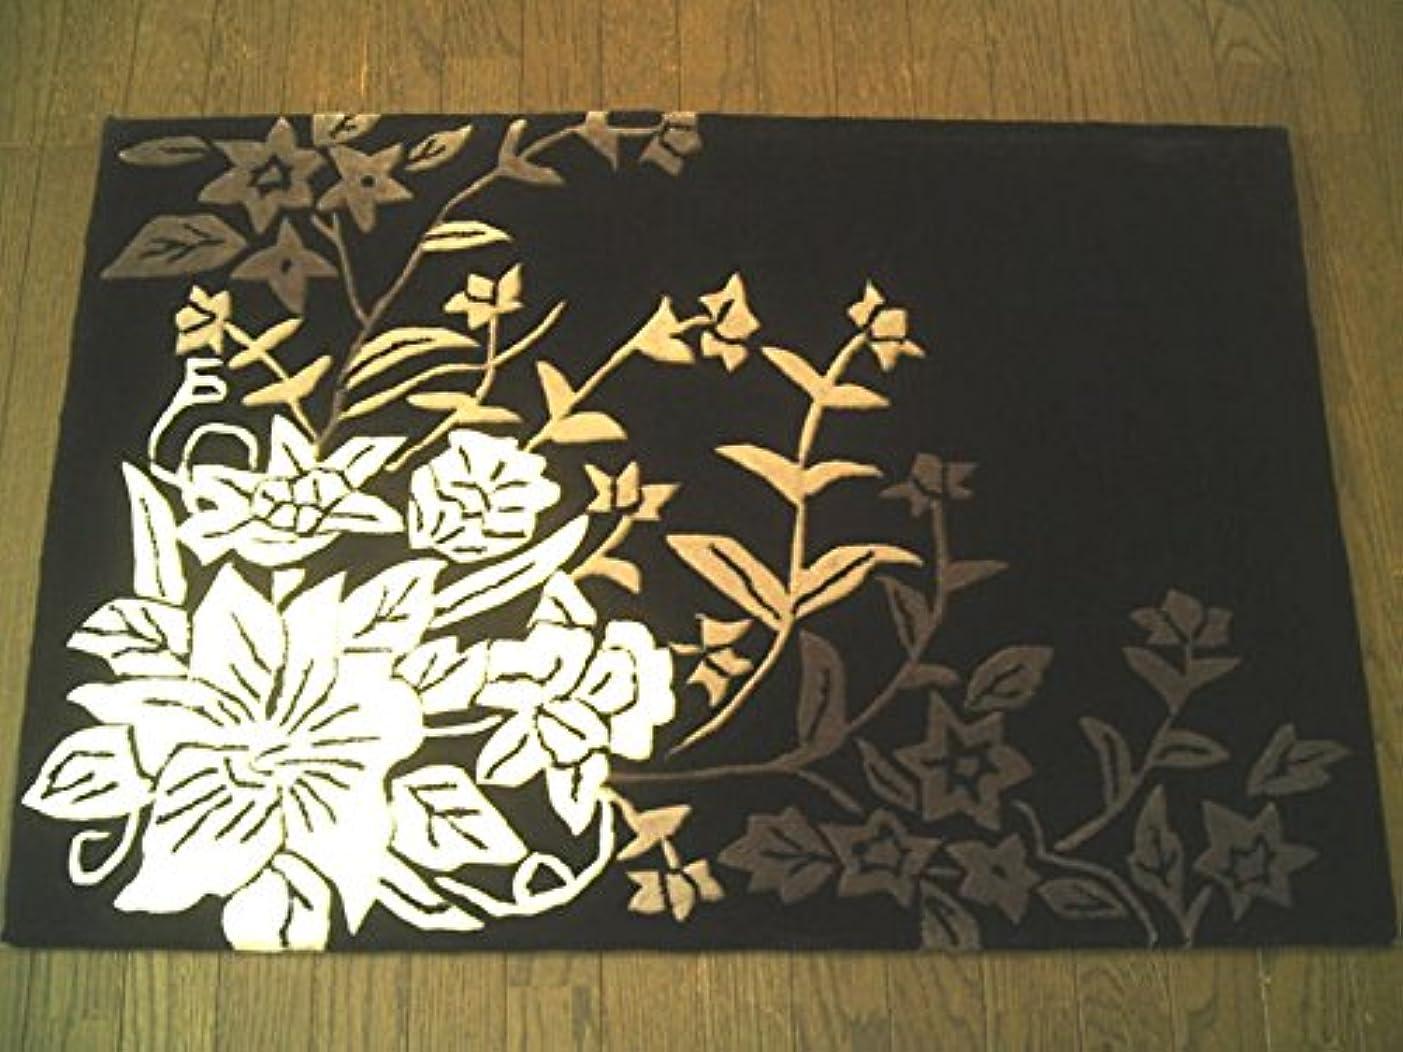 版信念かもめスマートでクールな色合い フックラグマット 50×80 ラグマット 北欧 夏 カーペット 絨毯 おしゃれ 白黒 玄関マット お中元 お歳暮 室内